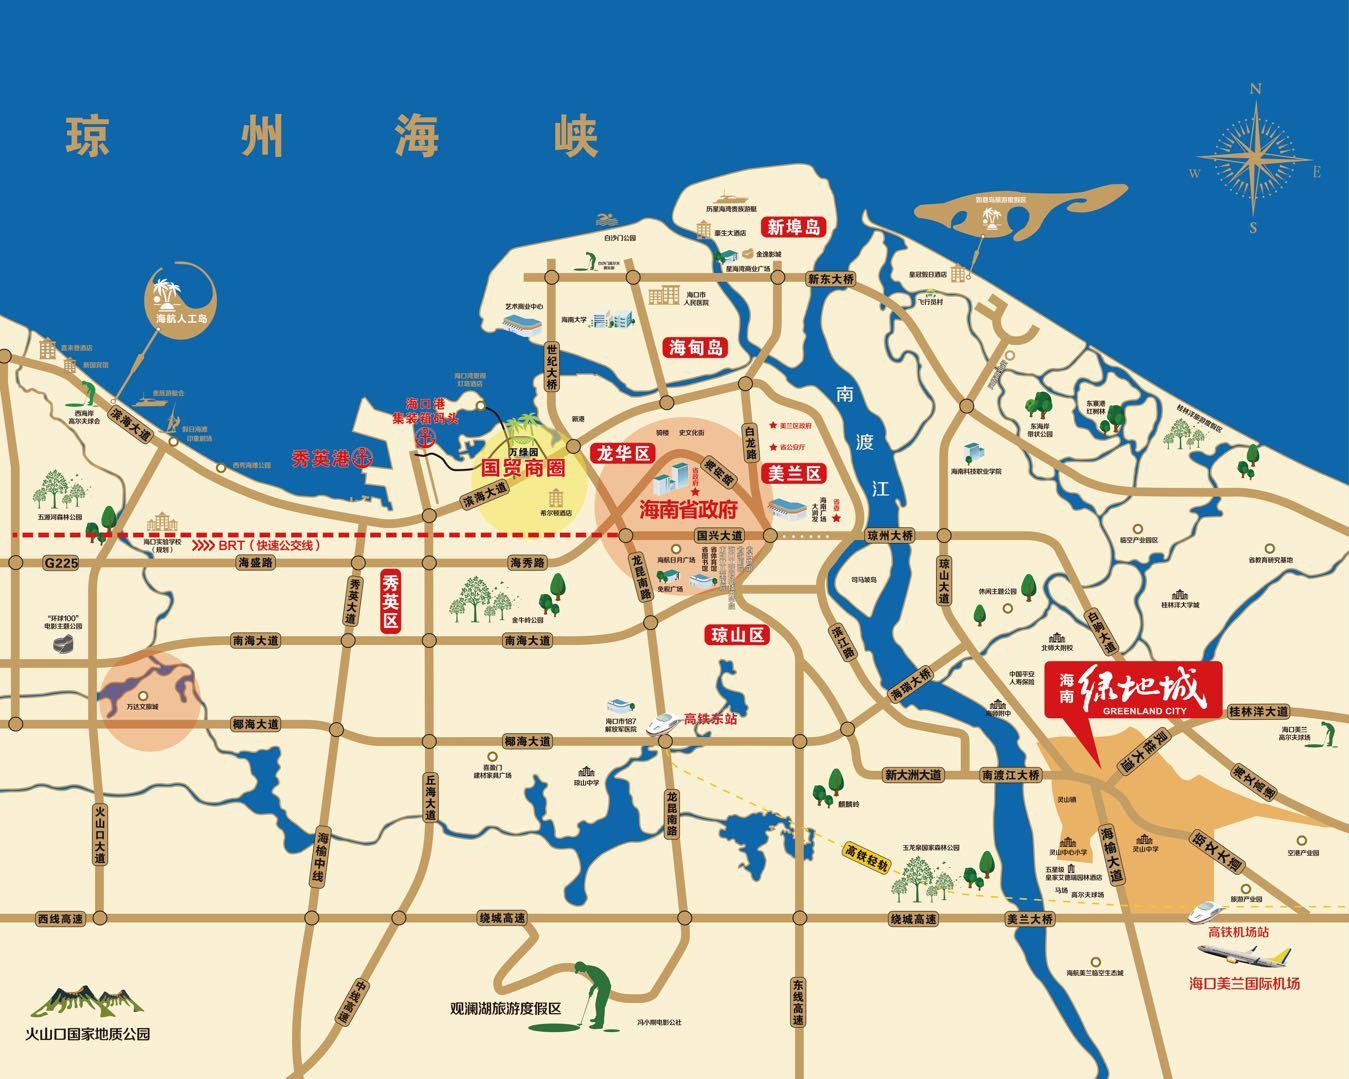 绿地城江东首府交通图